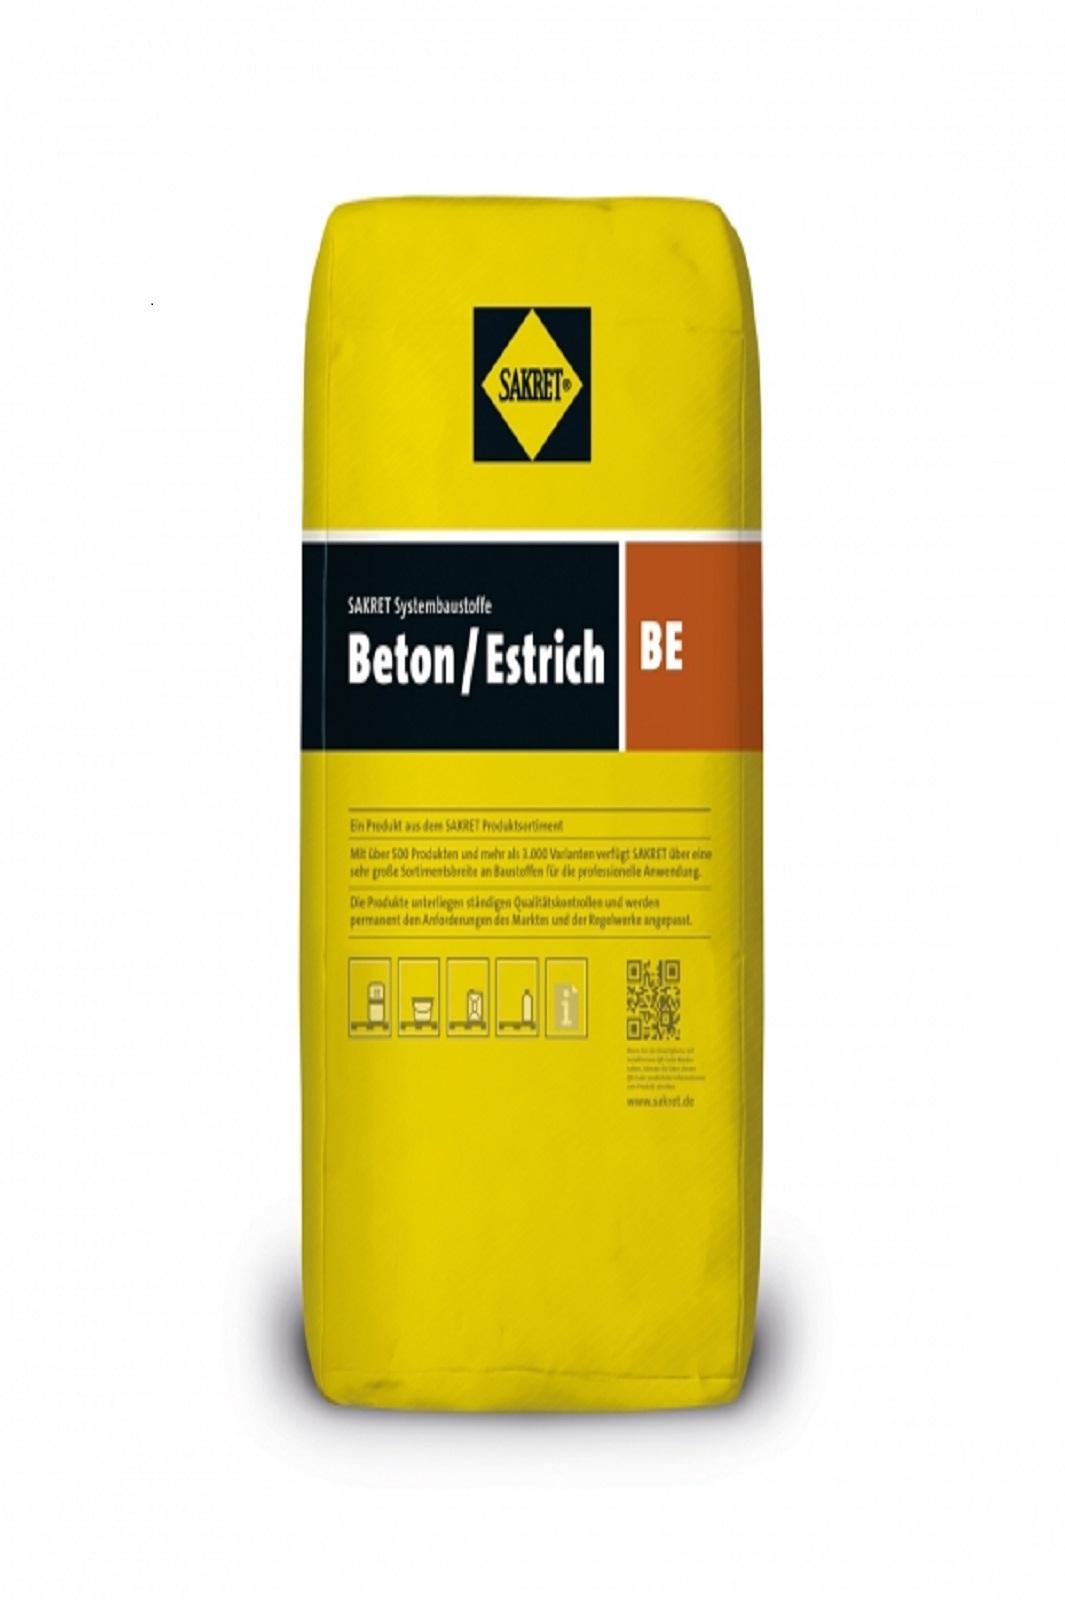 SAKRET Beton / Estrich BE 30 kg